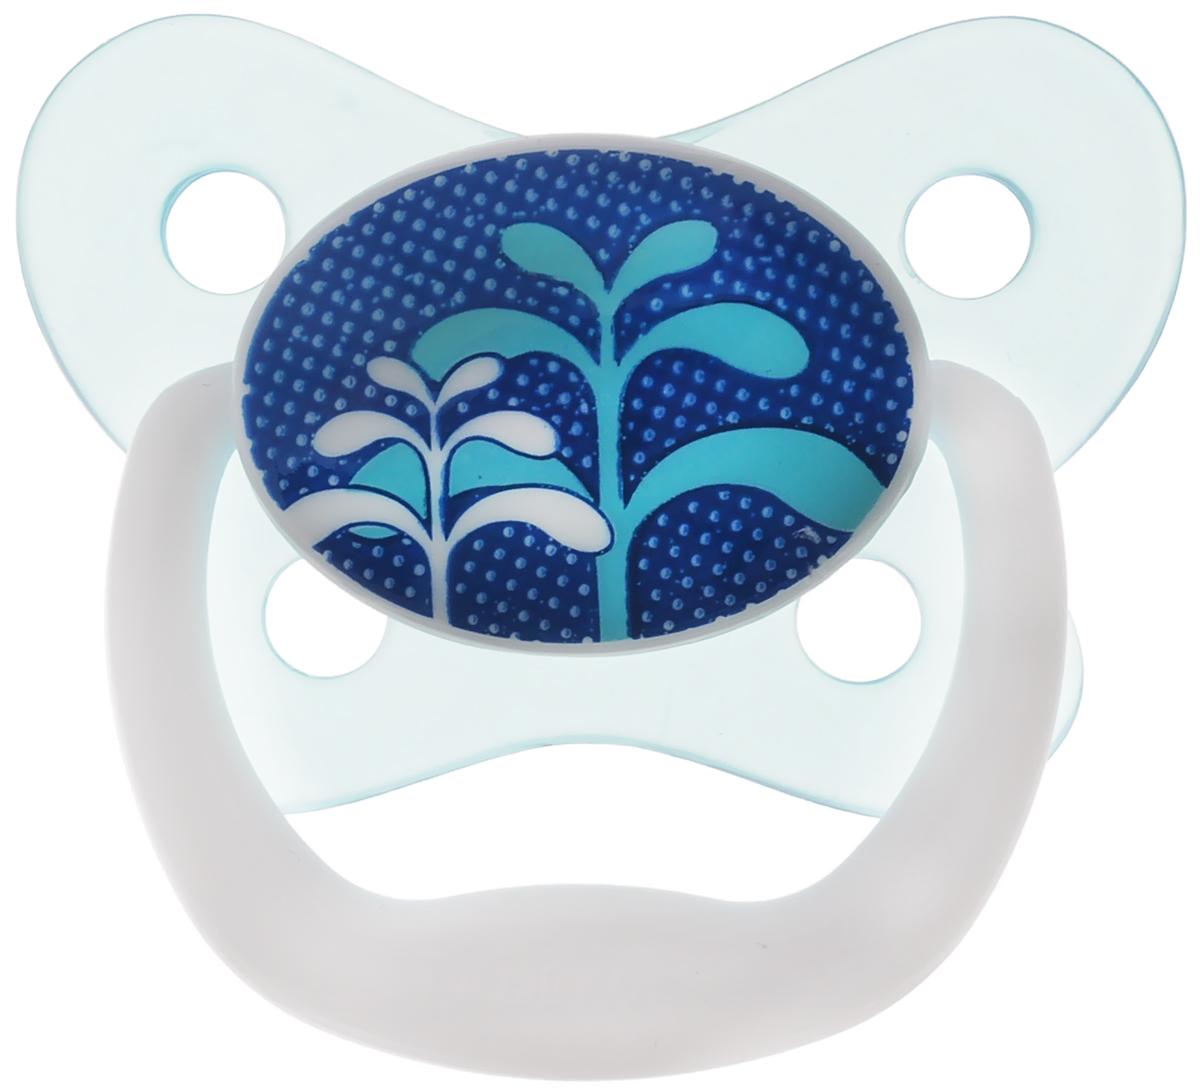 Dr. Browns Пустышка PreVent Бабочка Трава от 0 до 6 месяцев